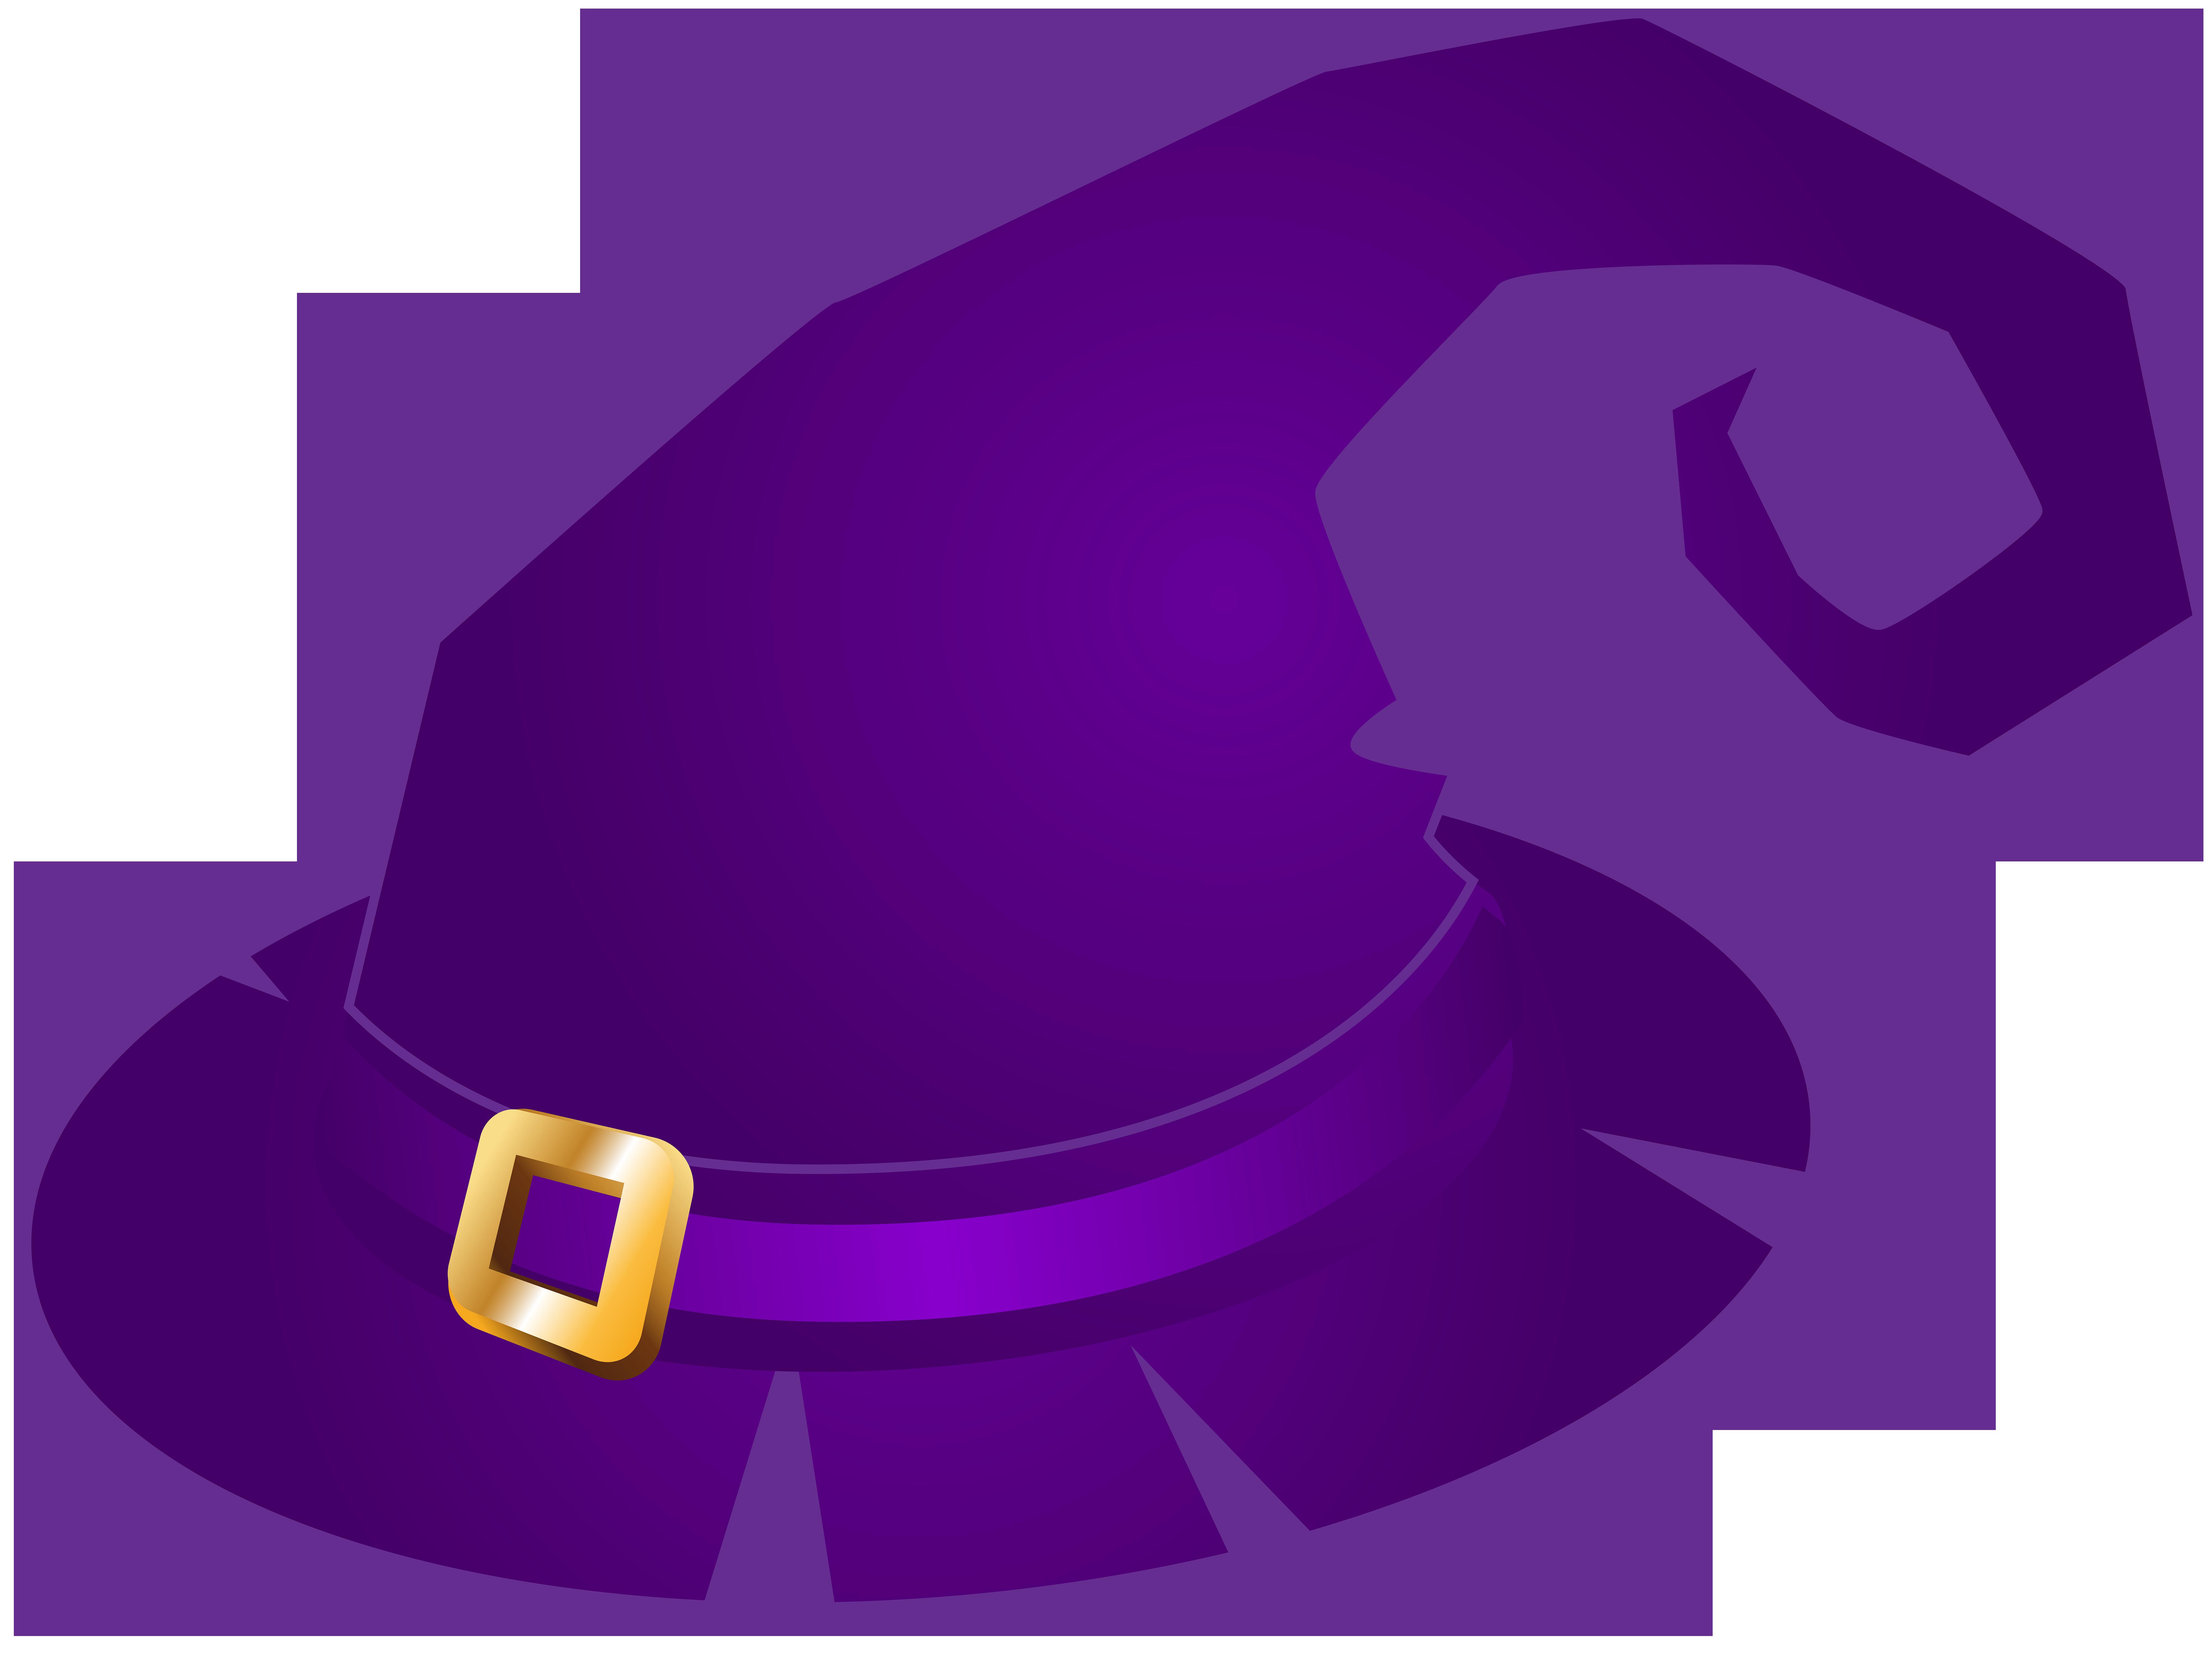 8000x5981 Cap Clipart Purple Hat